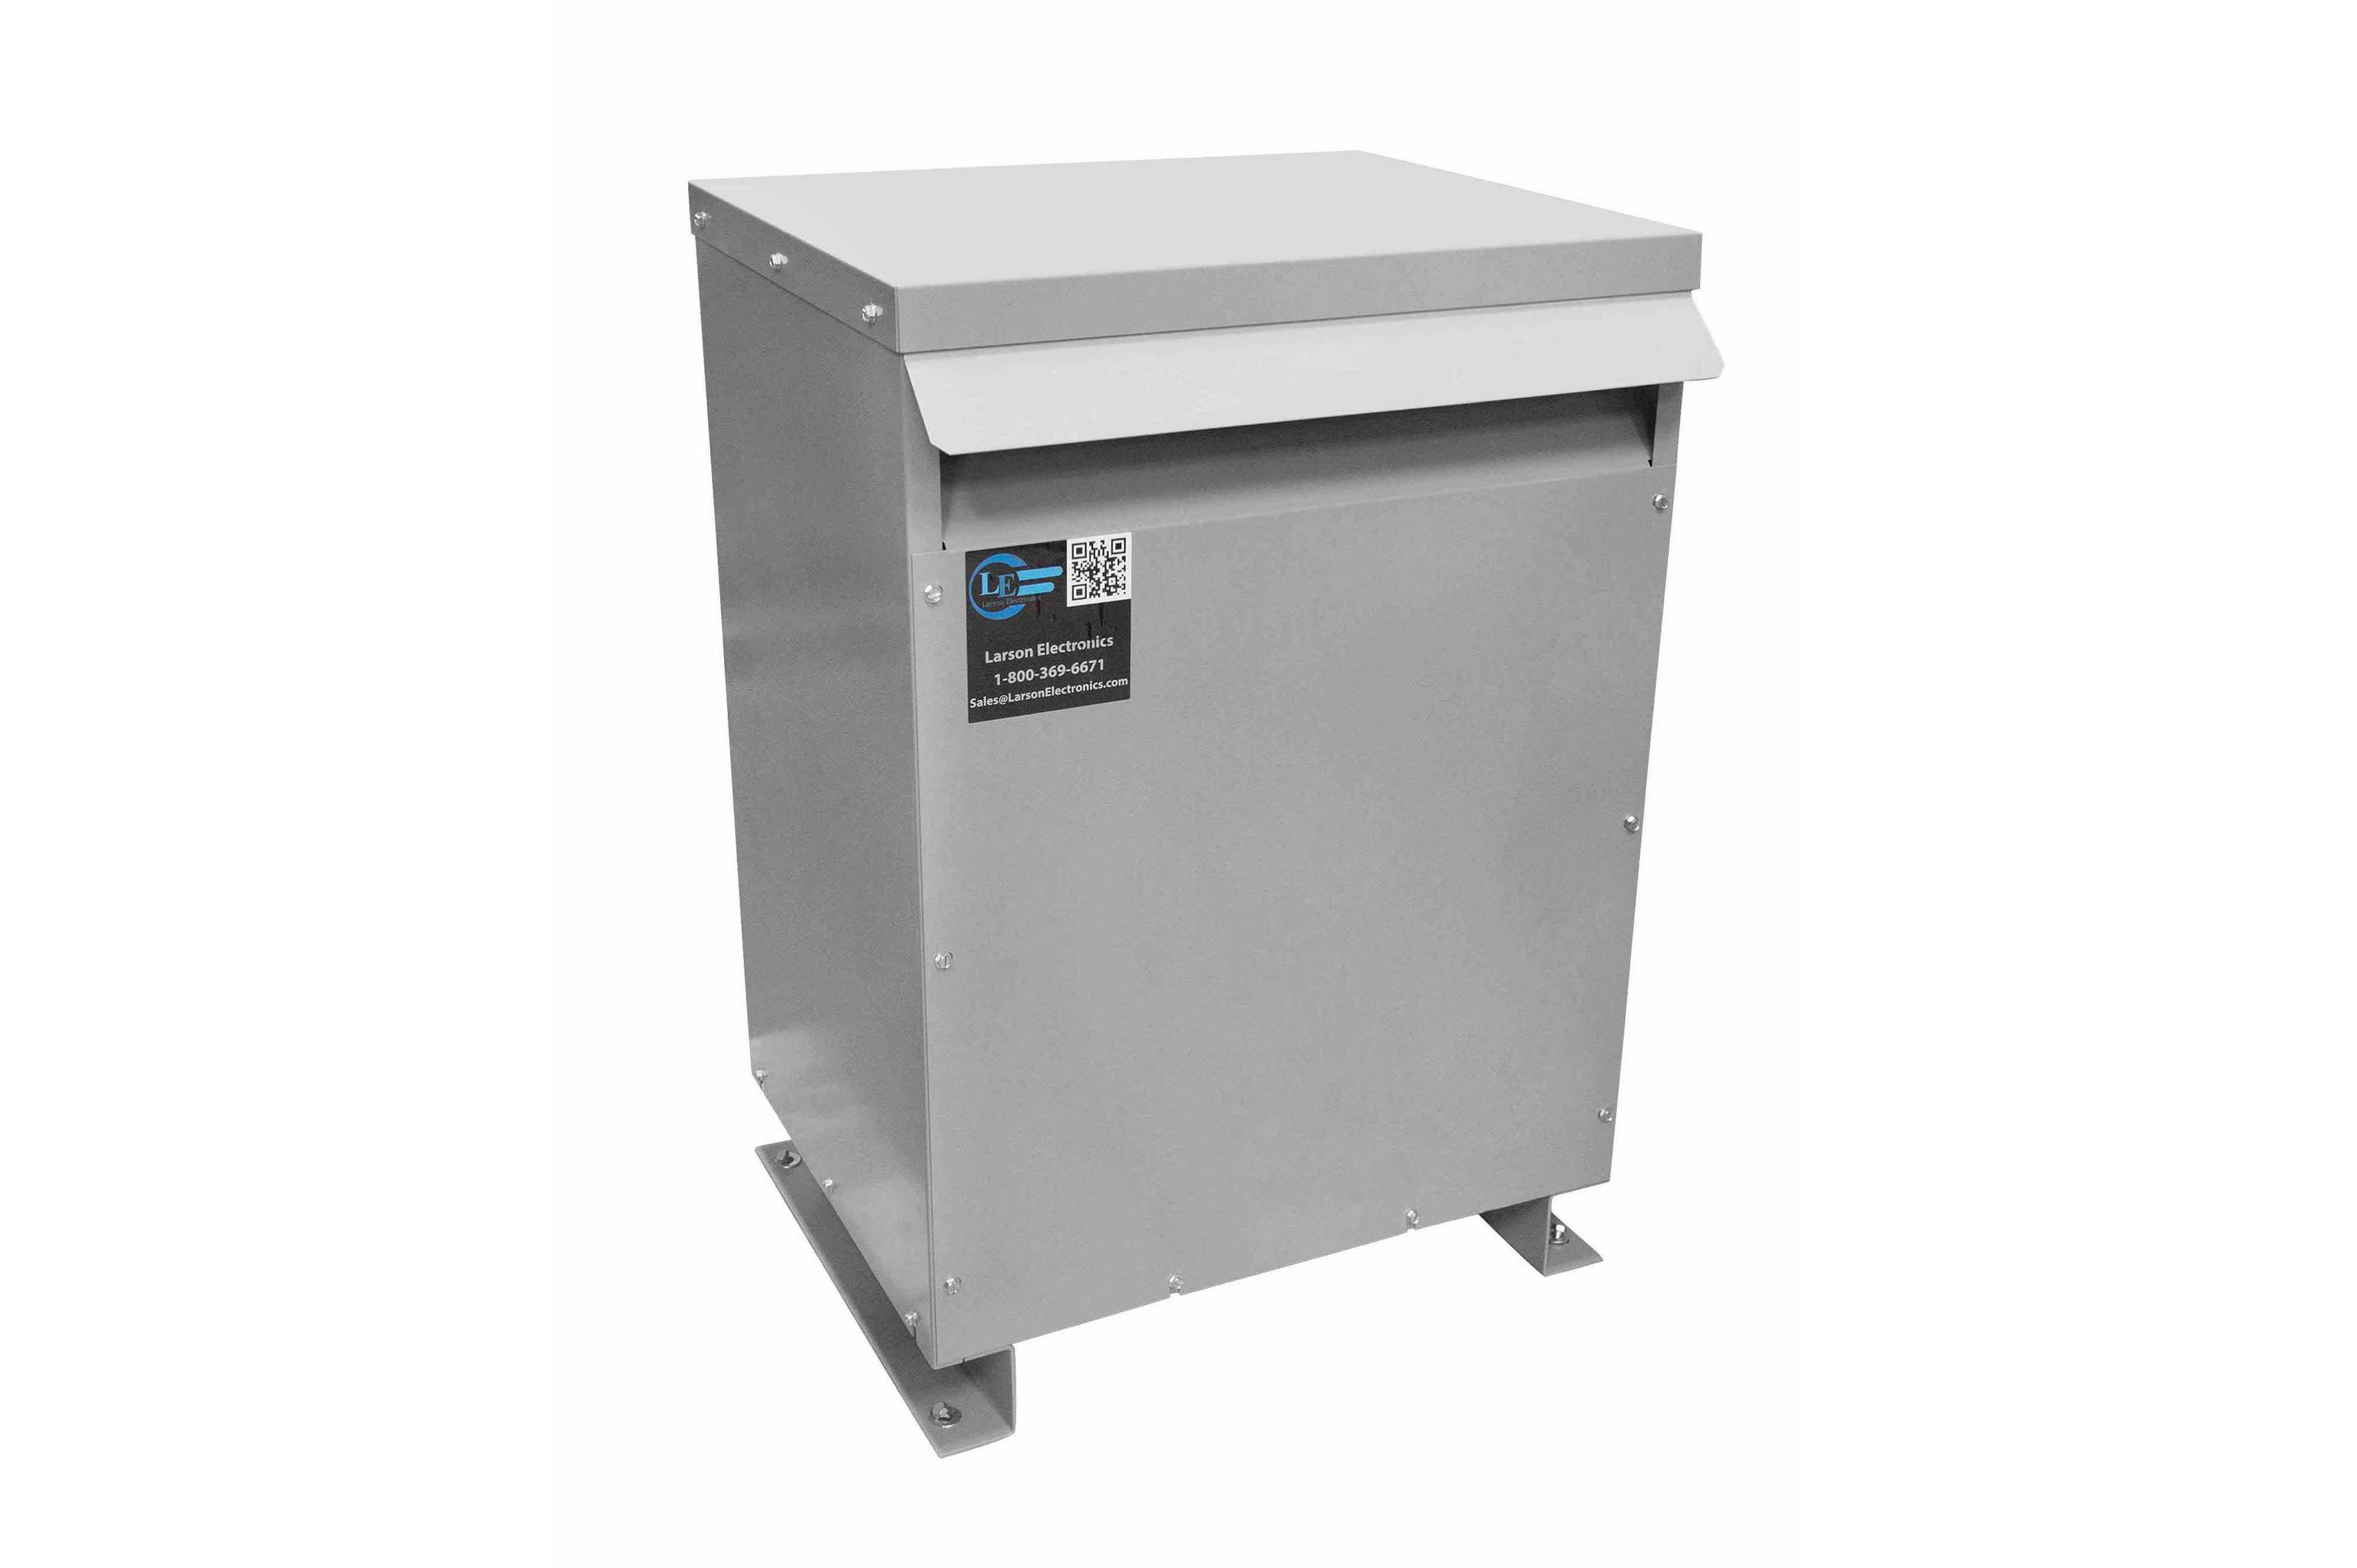 110 kVA 3PH Isolation Transformer, 480V Delta Primary, 575V Delta Secondary, N3R, Ventilated, 60 Hz